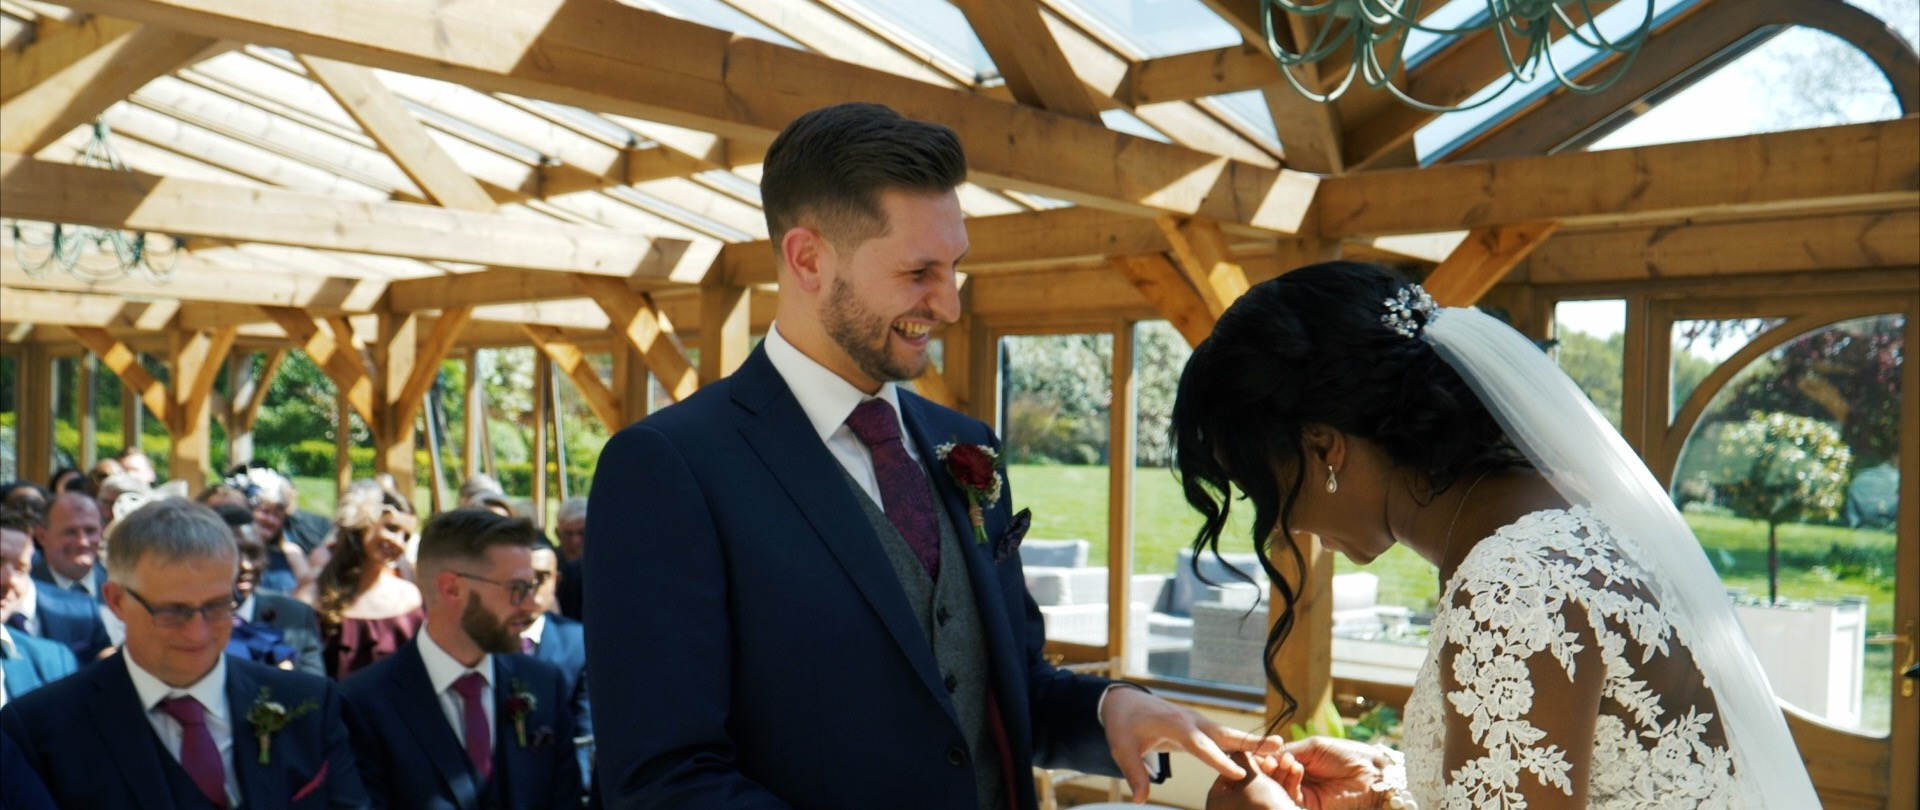 Bride and Groom at Gaynes Park Video.jpg